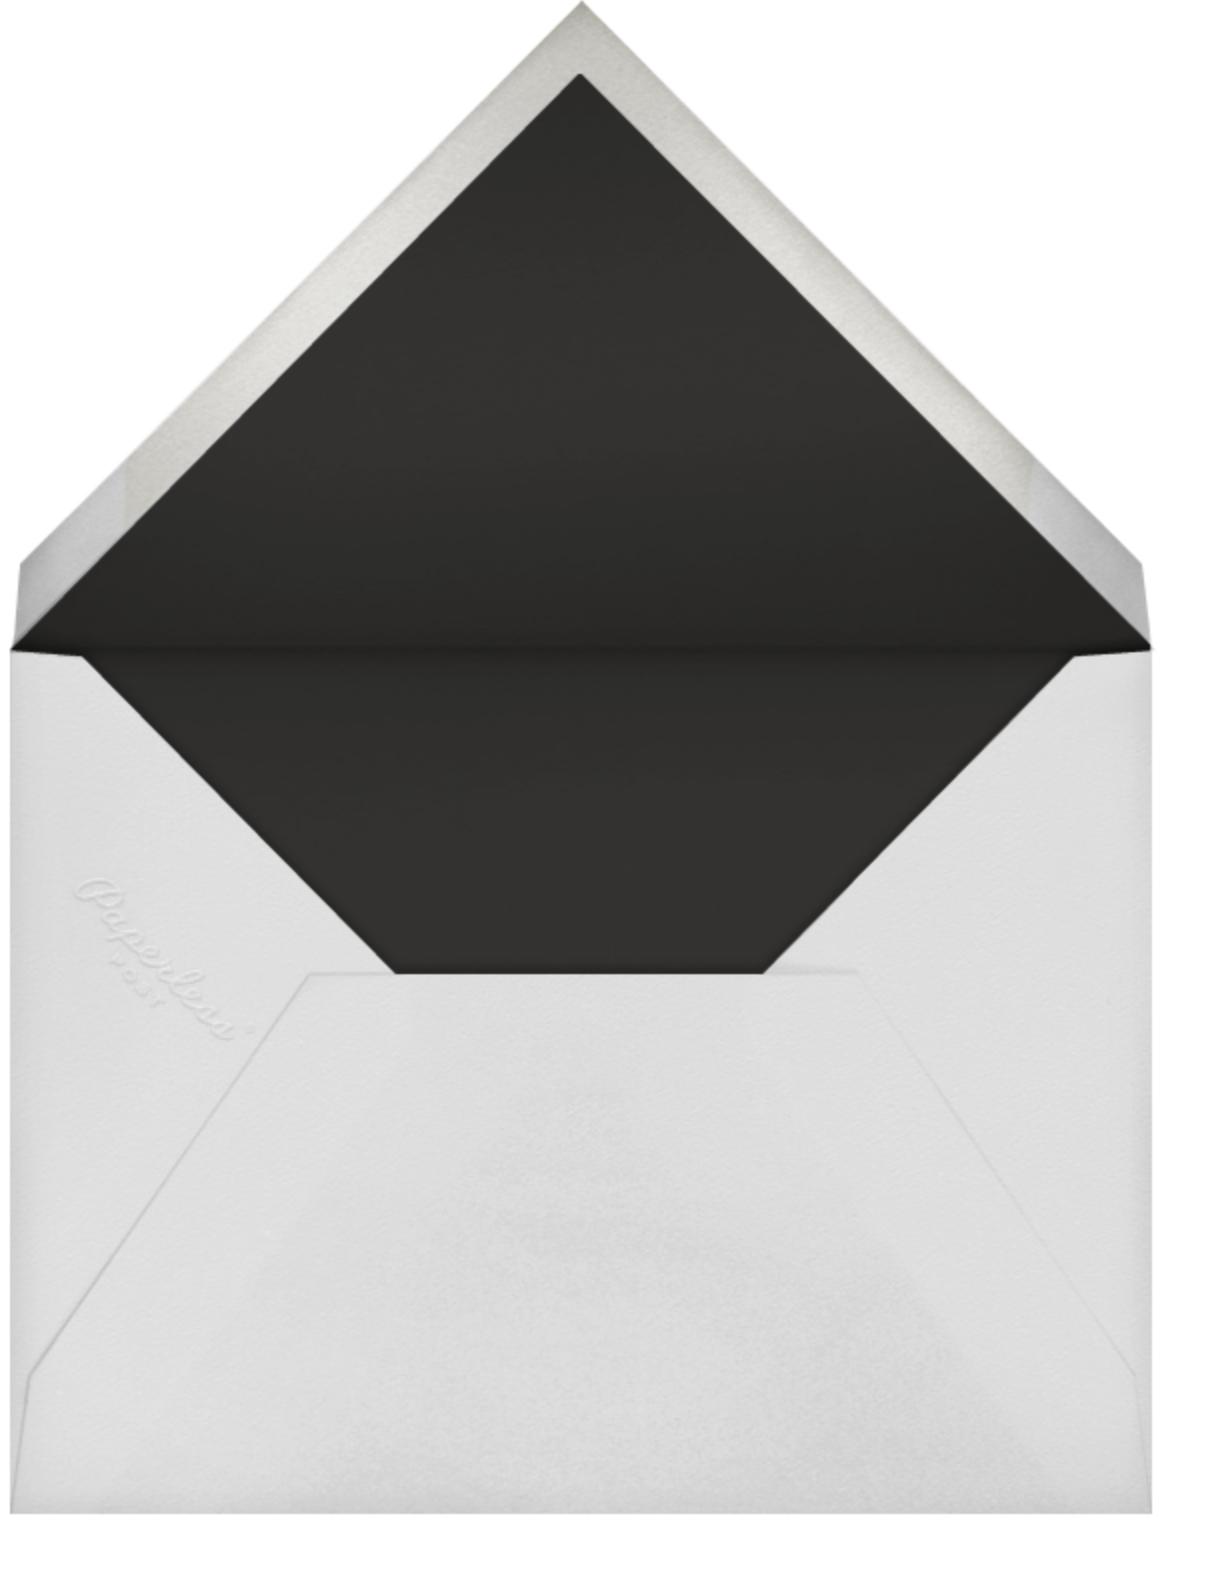 Richmond Park (Save the Date) - White/Gold - Oscar de la Renta - Party save the dates - envelope back